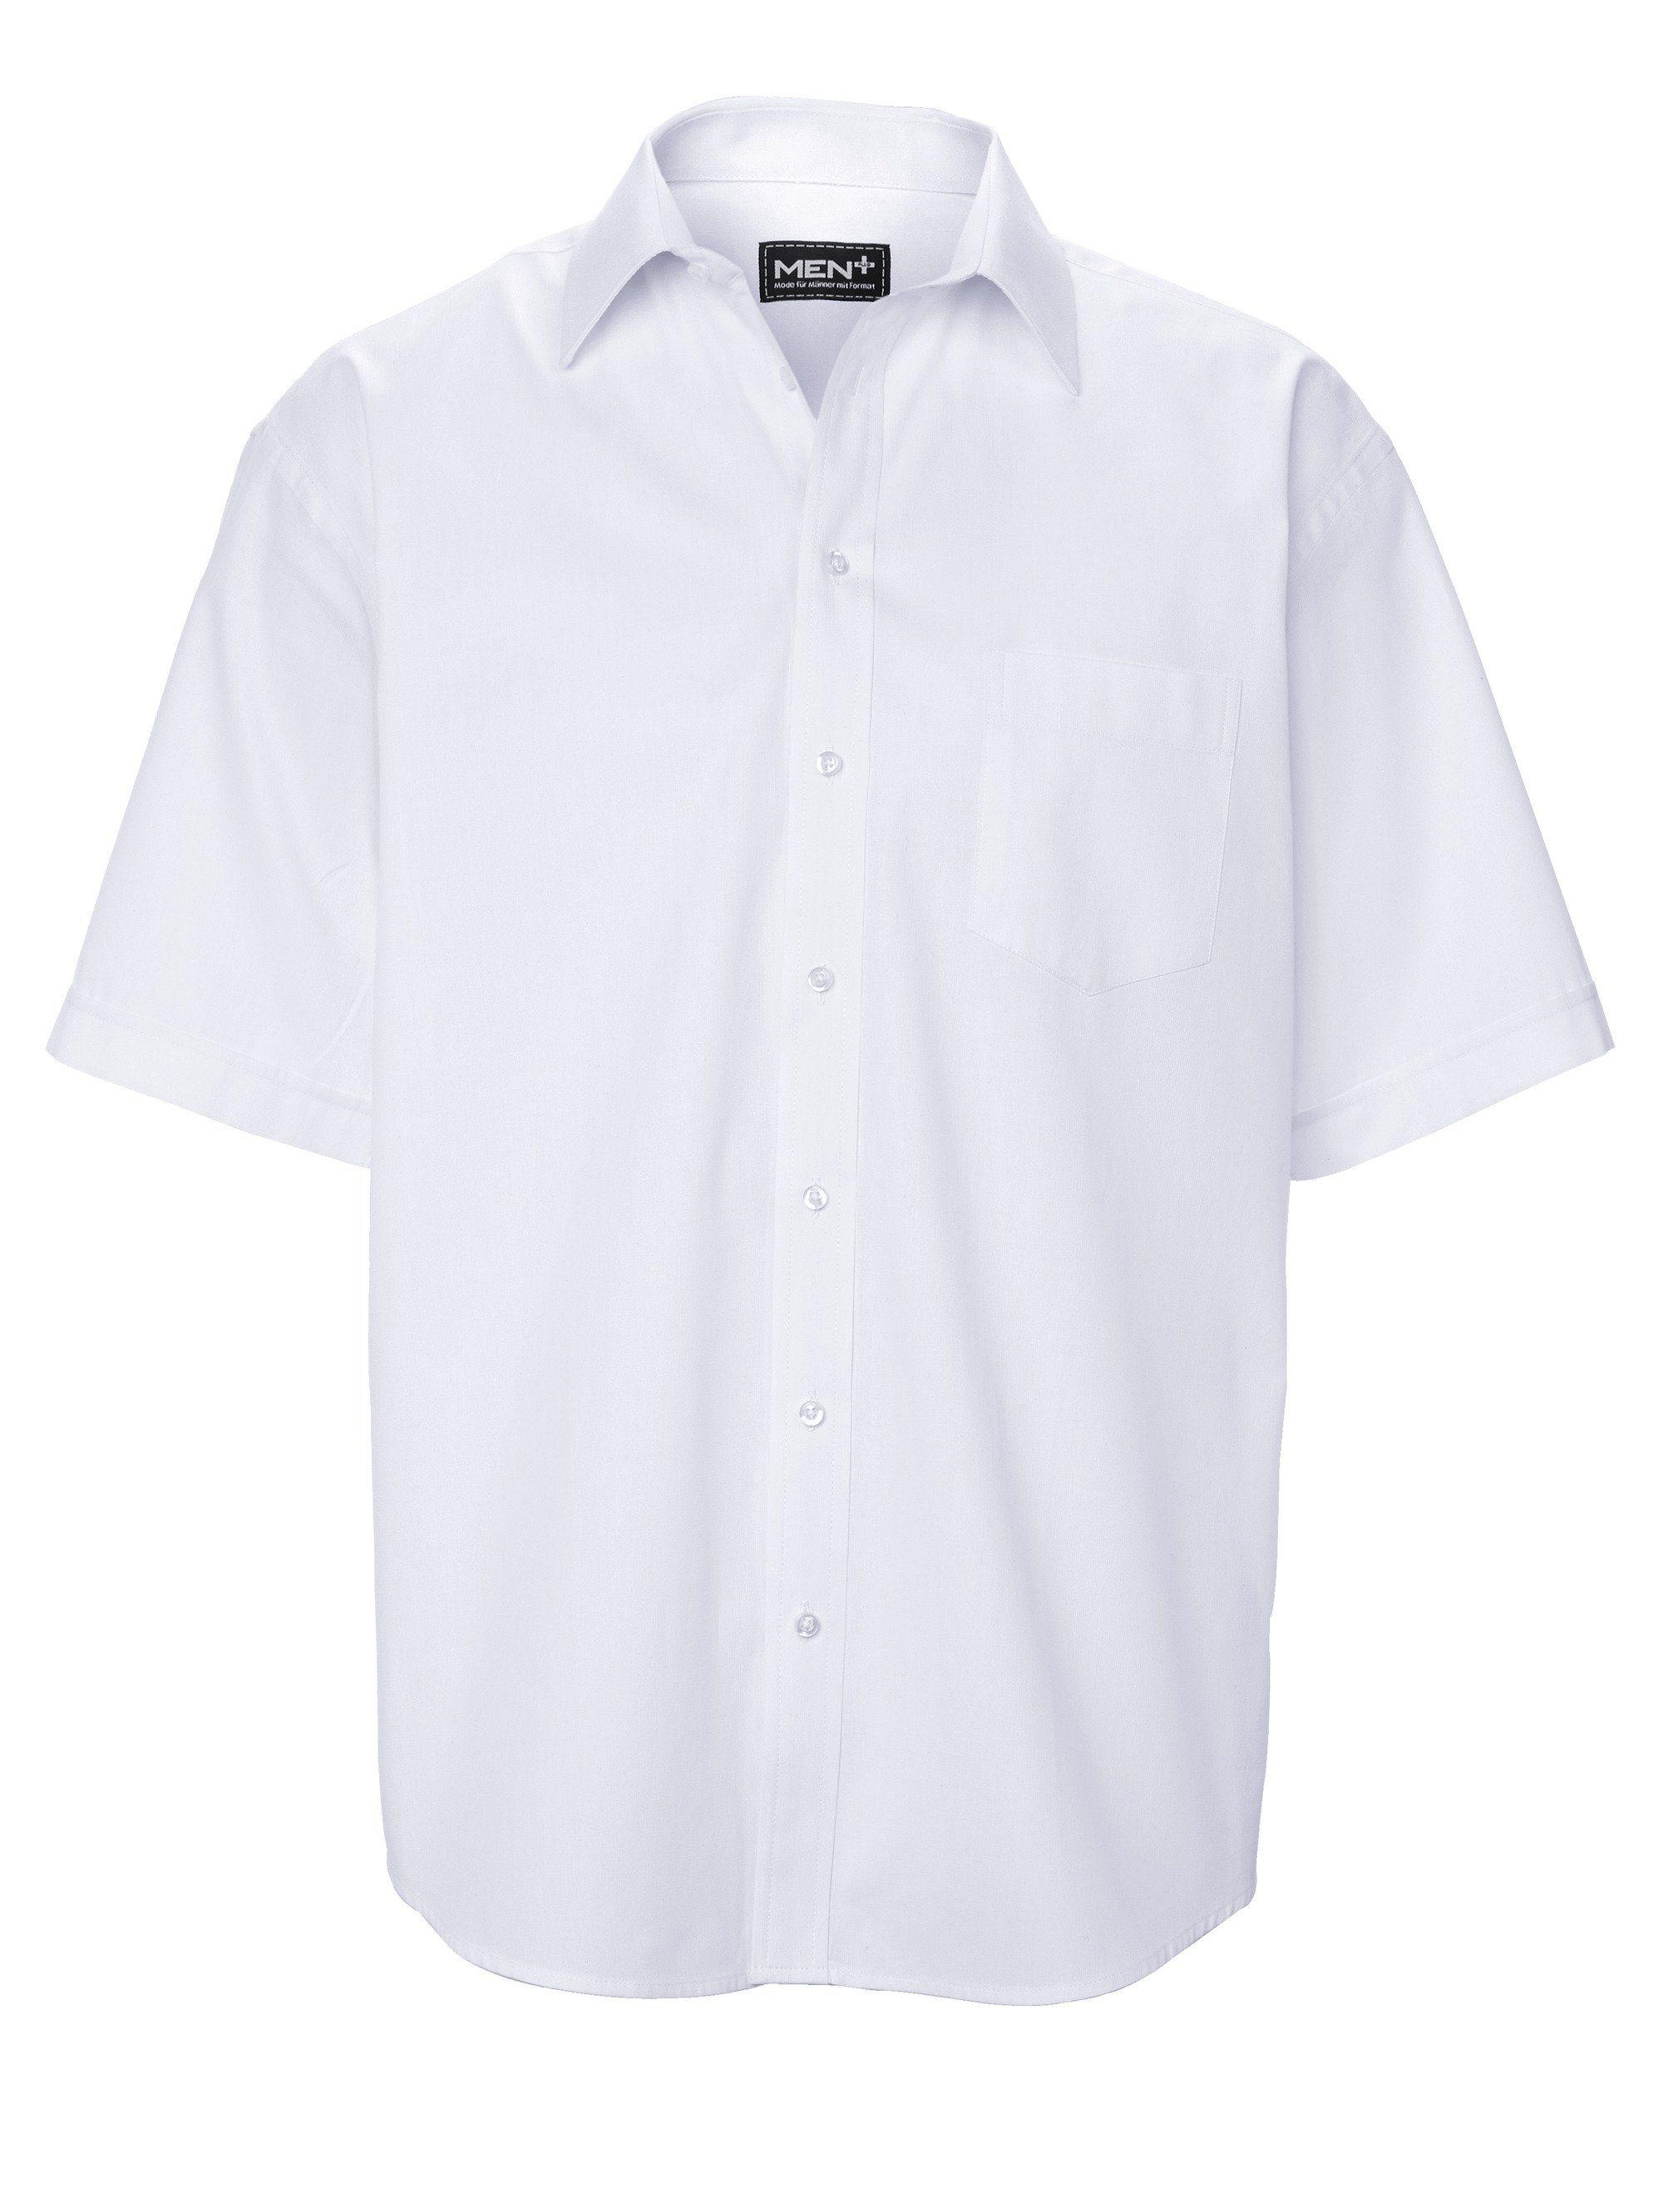 Men Plus by Happy Size Hemd